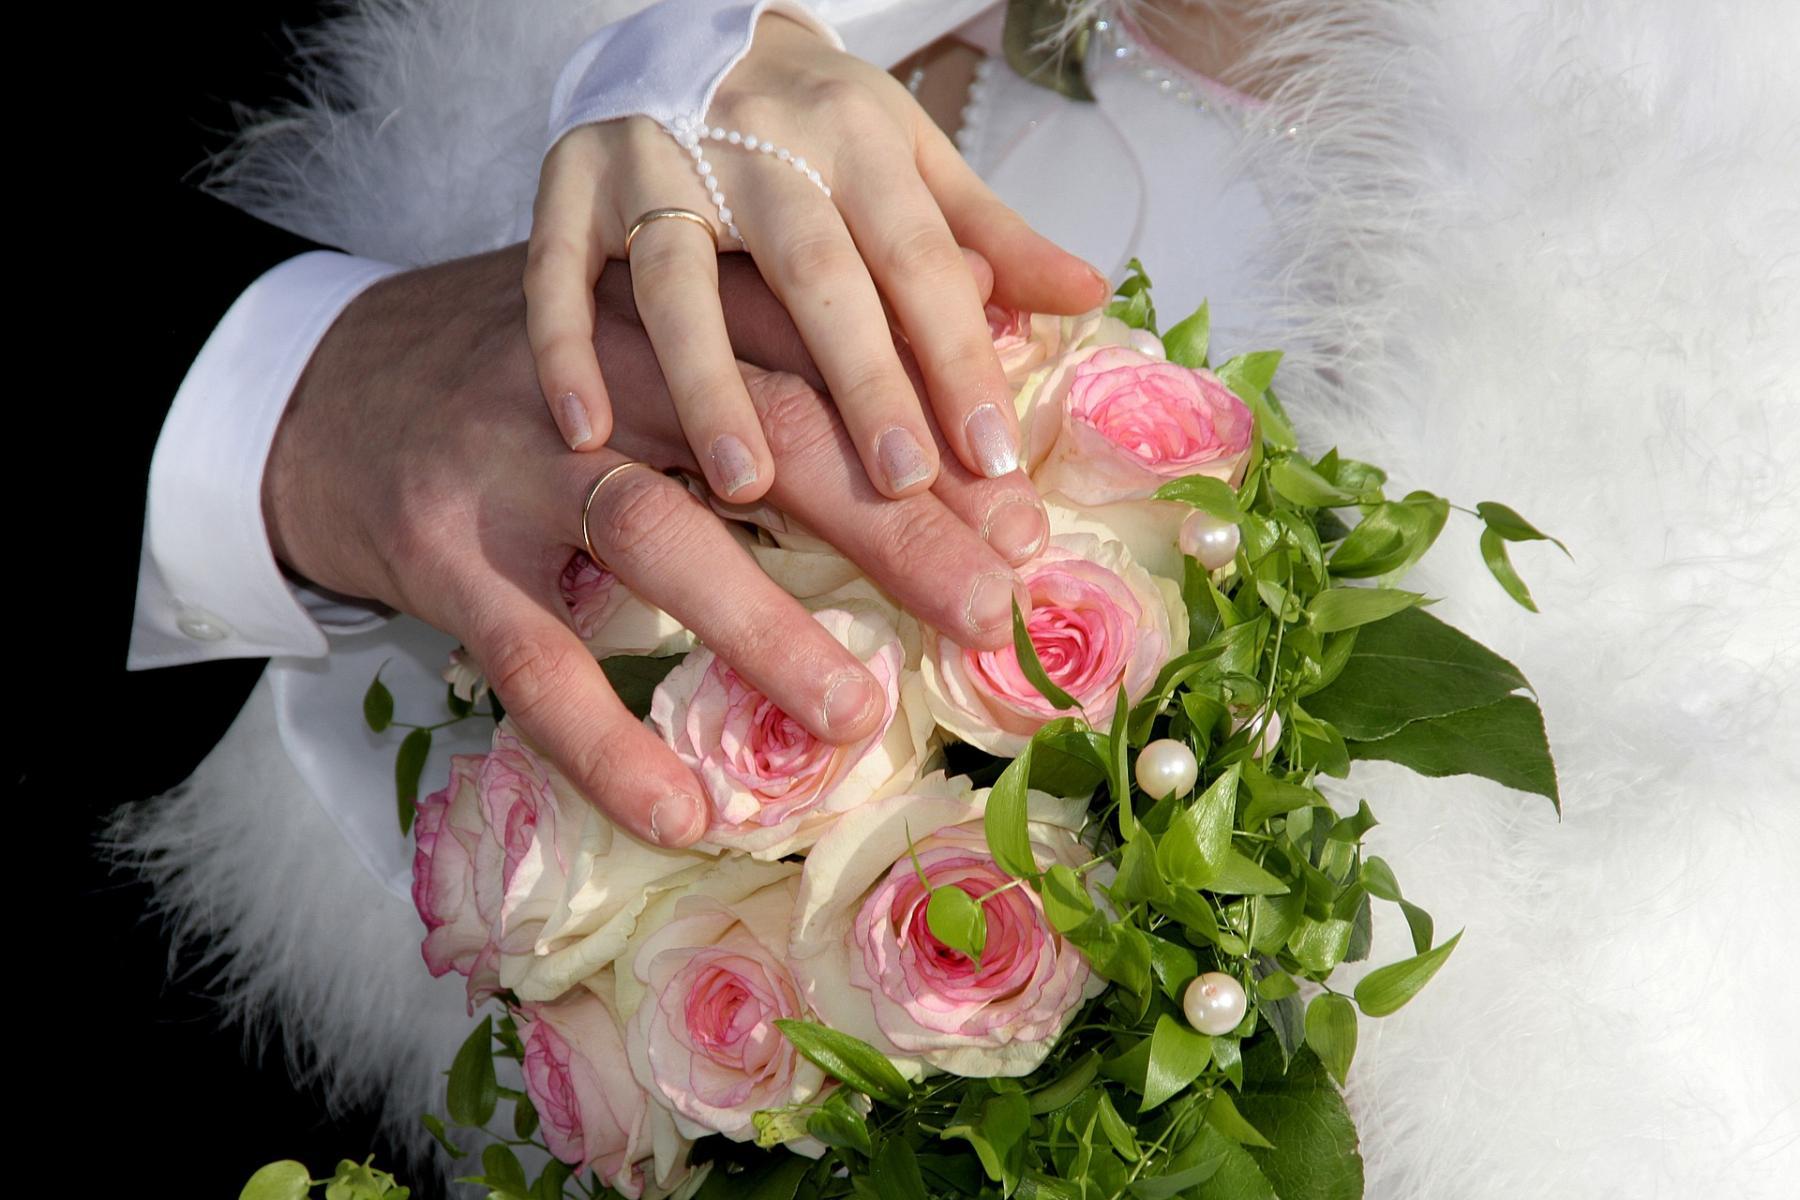 фото Объявляю вас мужем и женой: московские ЗАГСы 23 июня возобновят торжественные регистрации браков 2